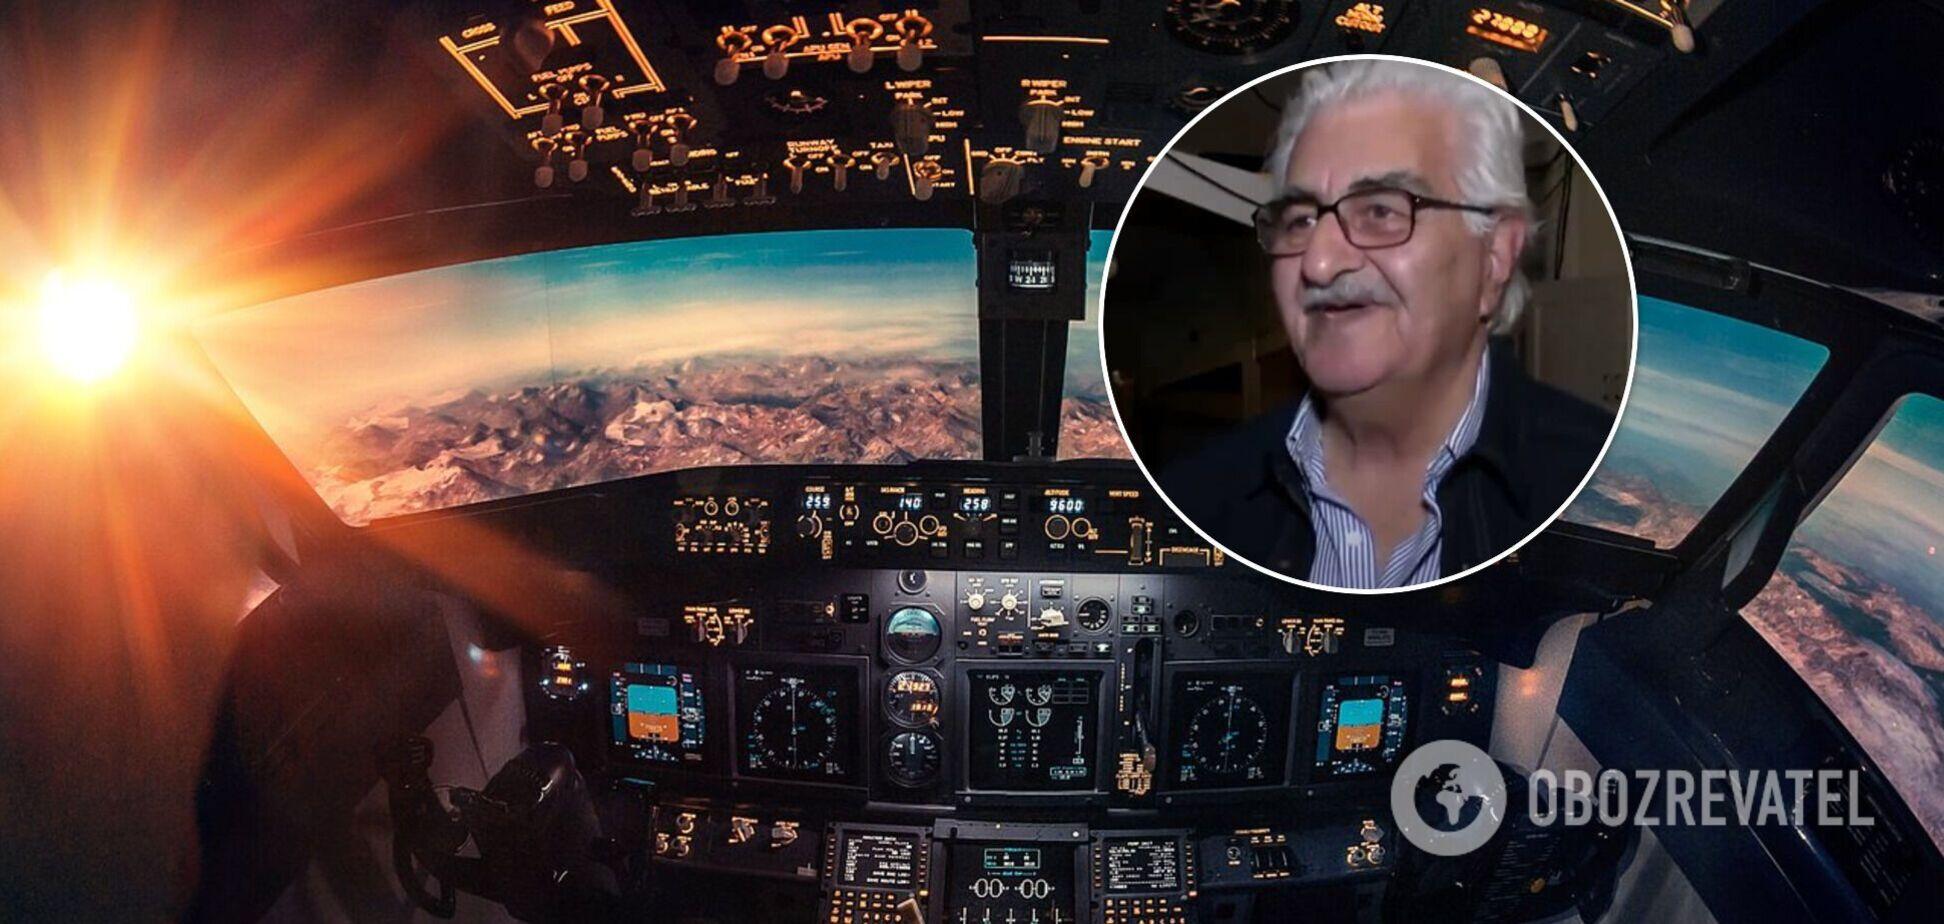 Облетів пів світу, не виходячи з дому: пенсіонер зробив авіасимулятор. Відео